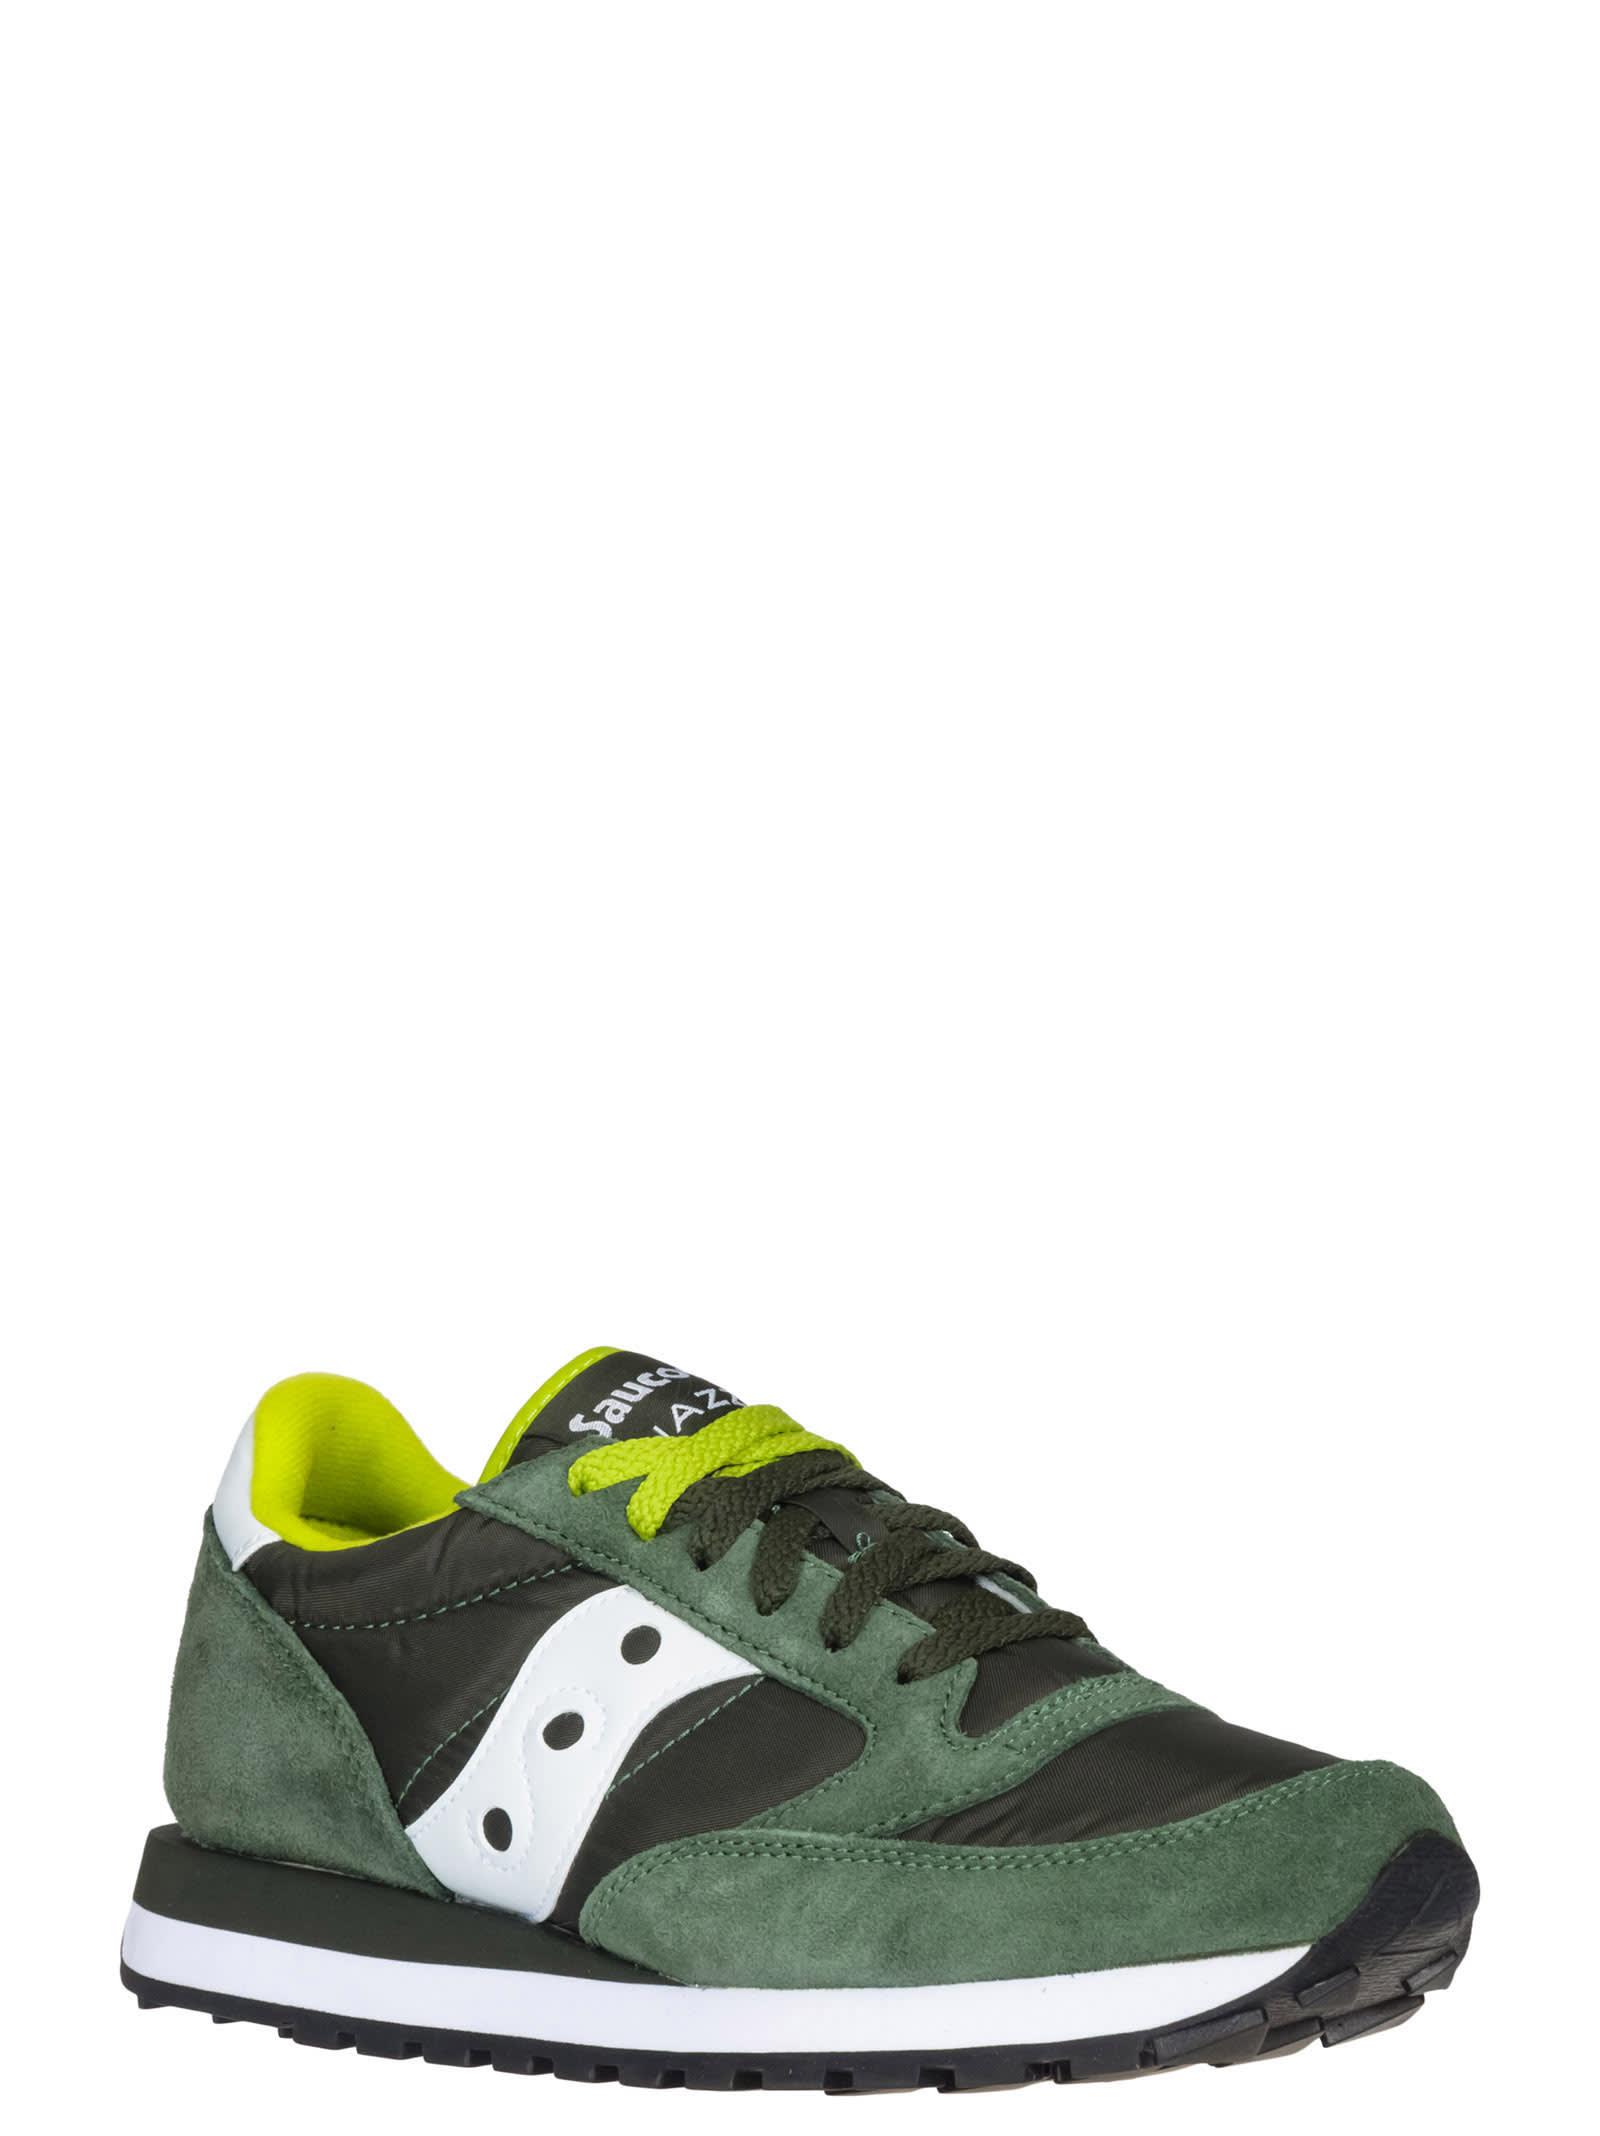 100% authentic 35341 465c7 Saucony Jazz Sneakers